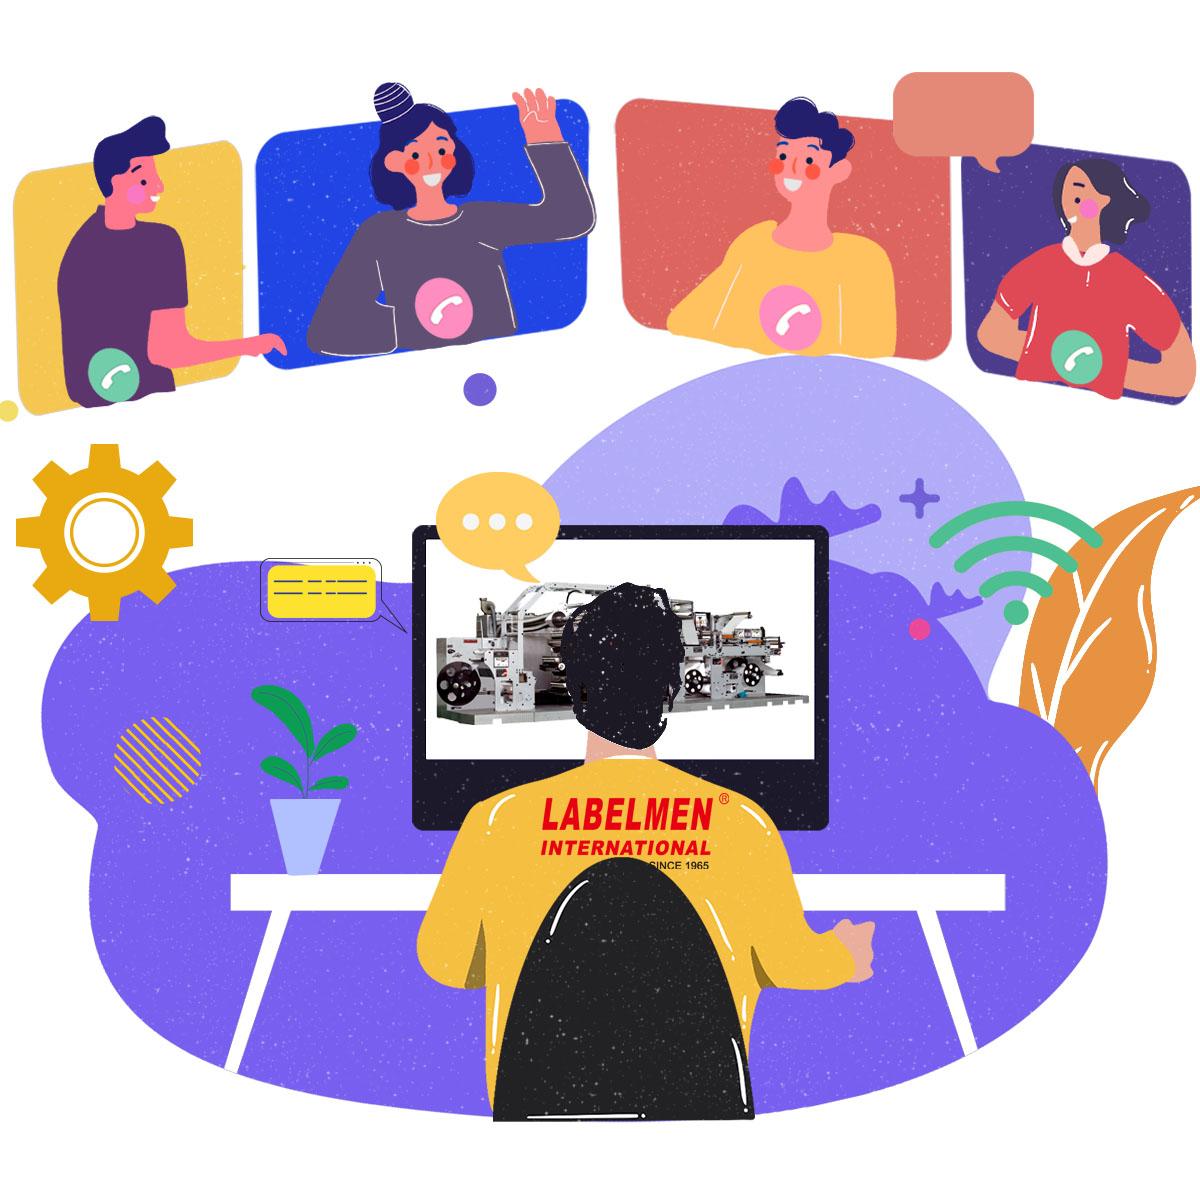 LABELMEN video conference